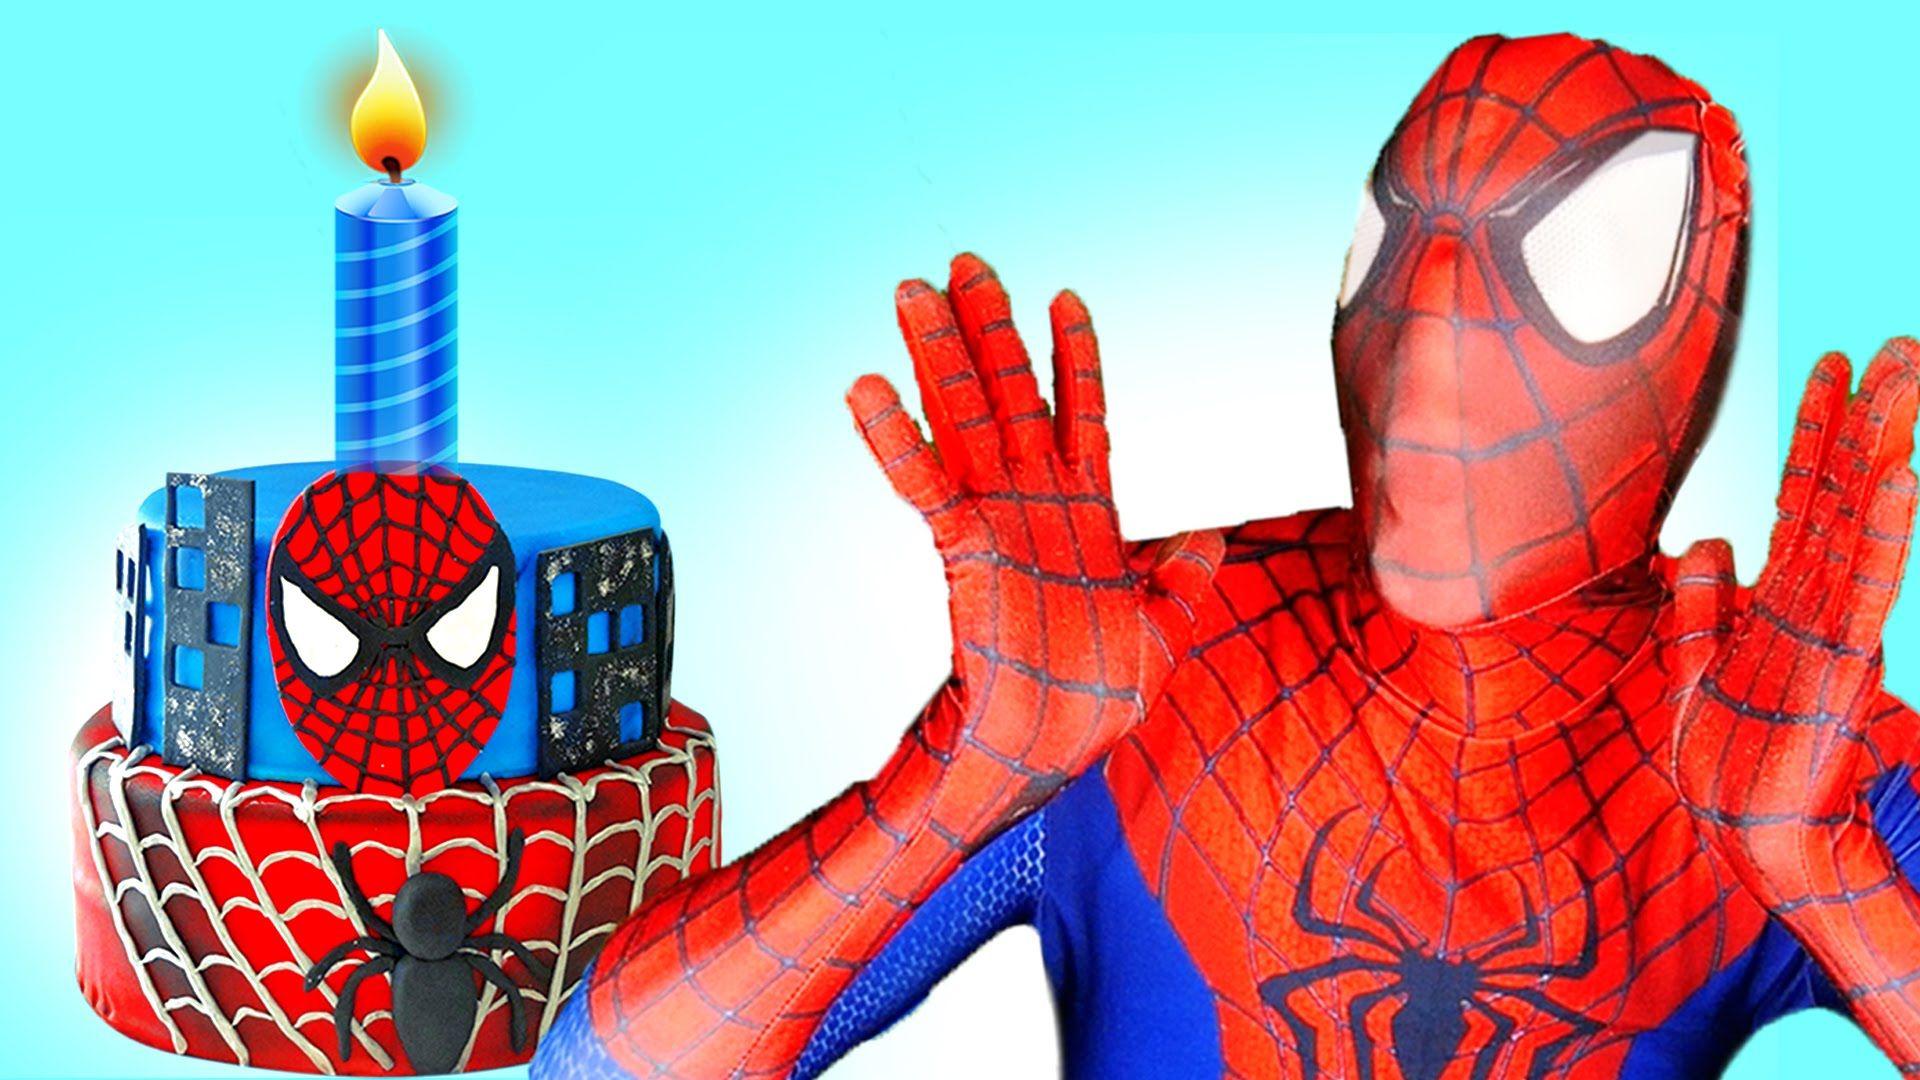 Spiderman Bday - Amazing Invitation Template Design by Corrupedia